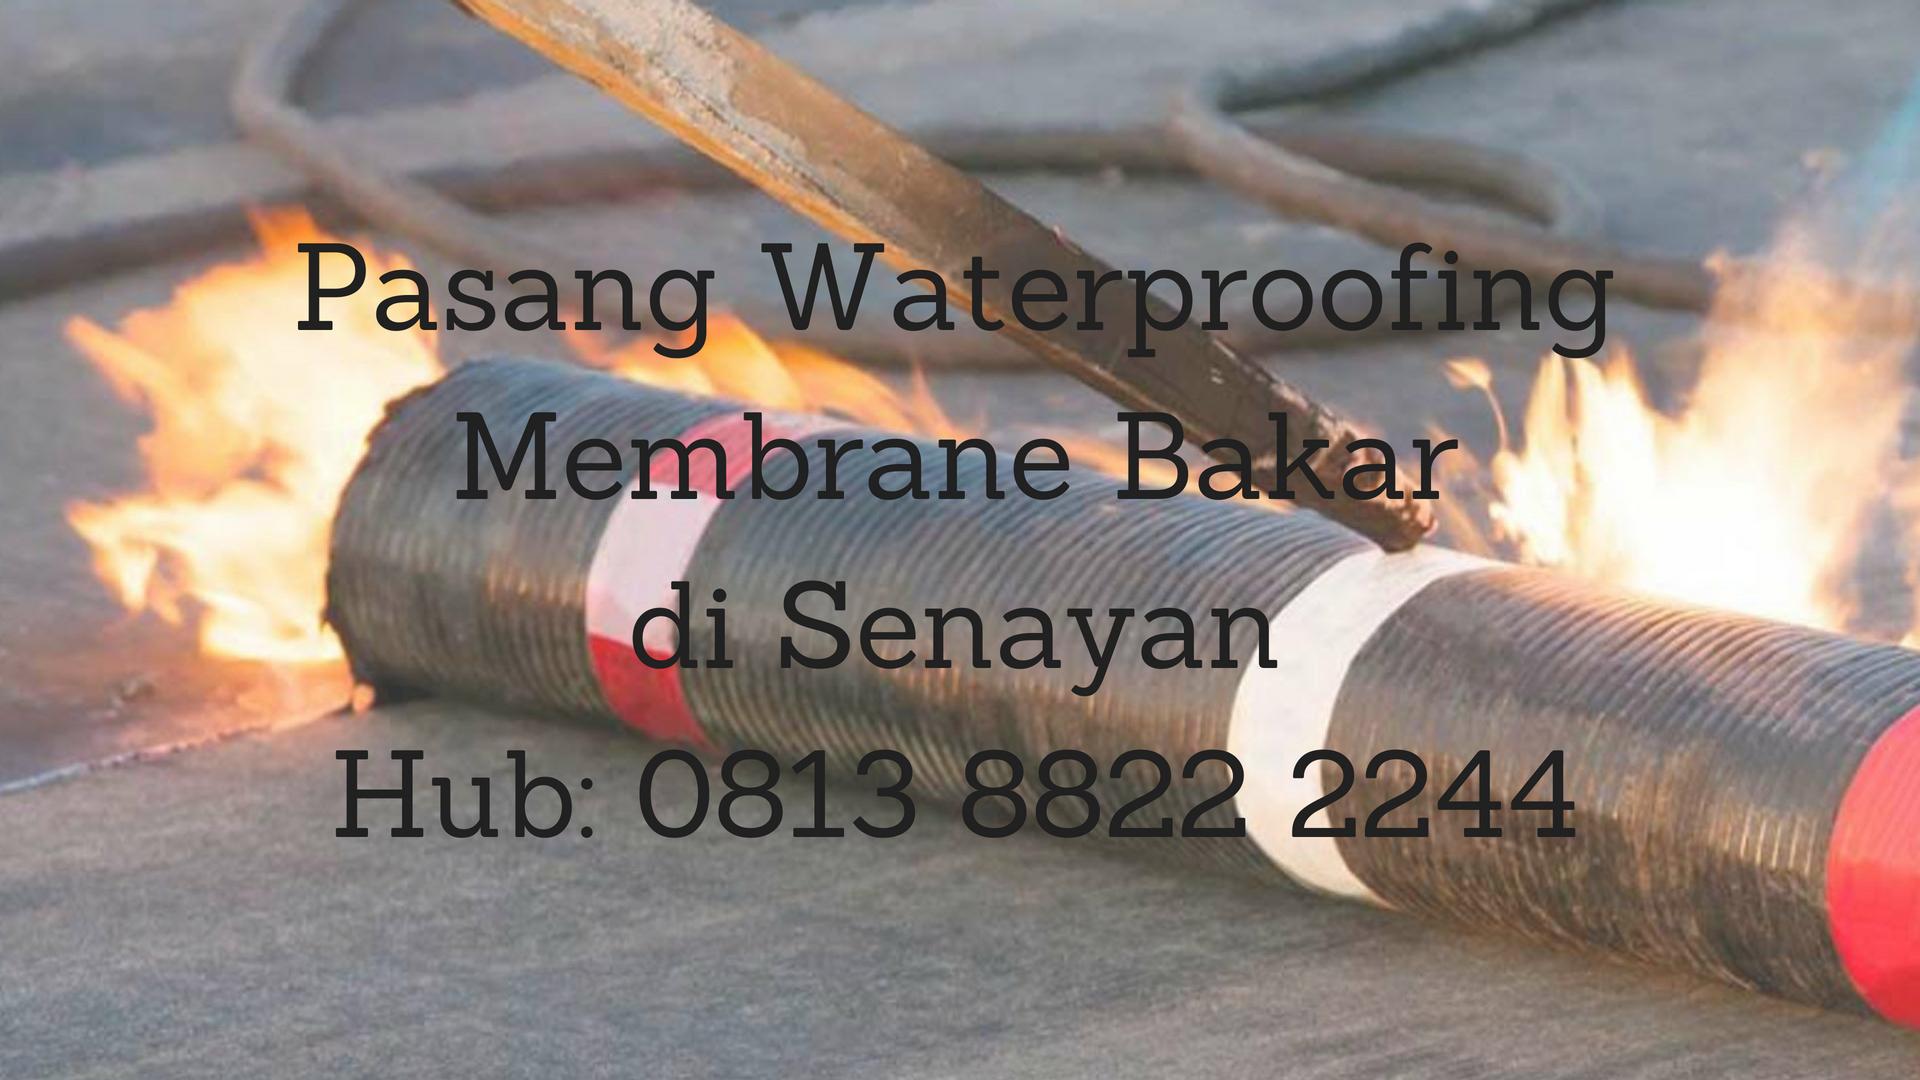 PASANG WATERPROOFING MEMBRANE BAKAR DI SENAYAN.  HUB : 0813 8822 2244